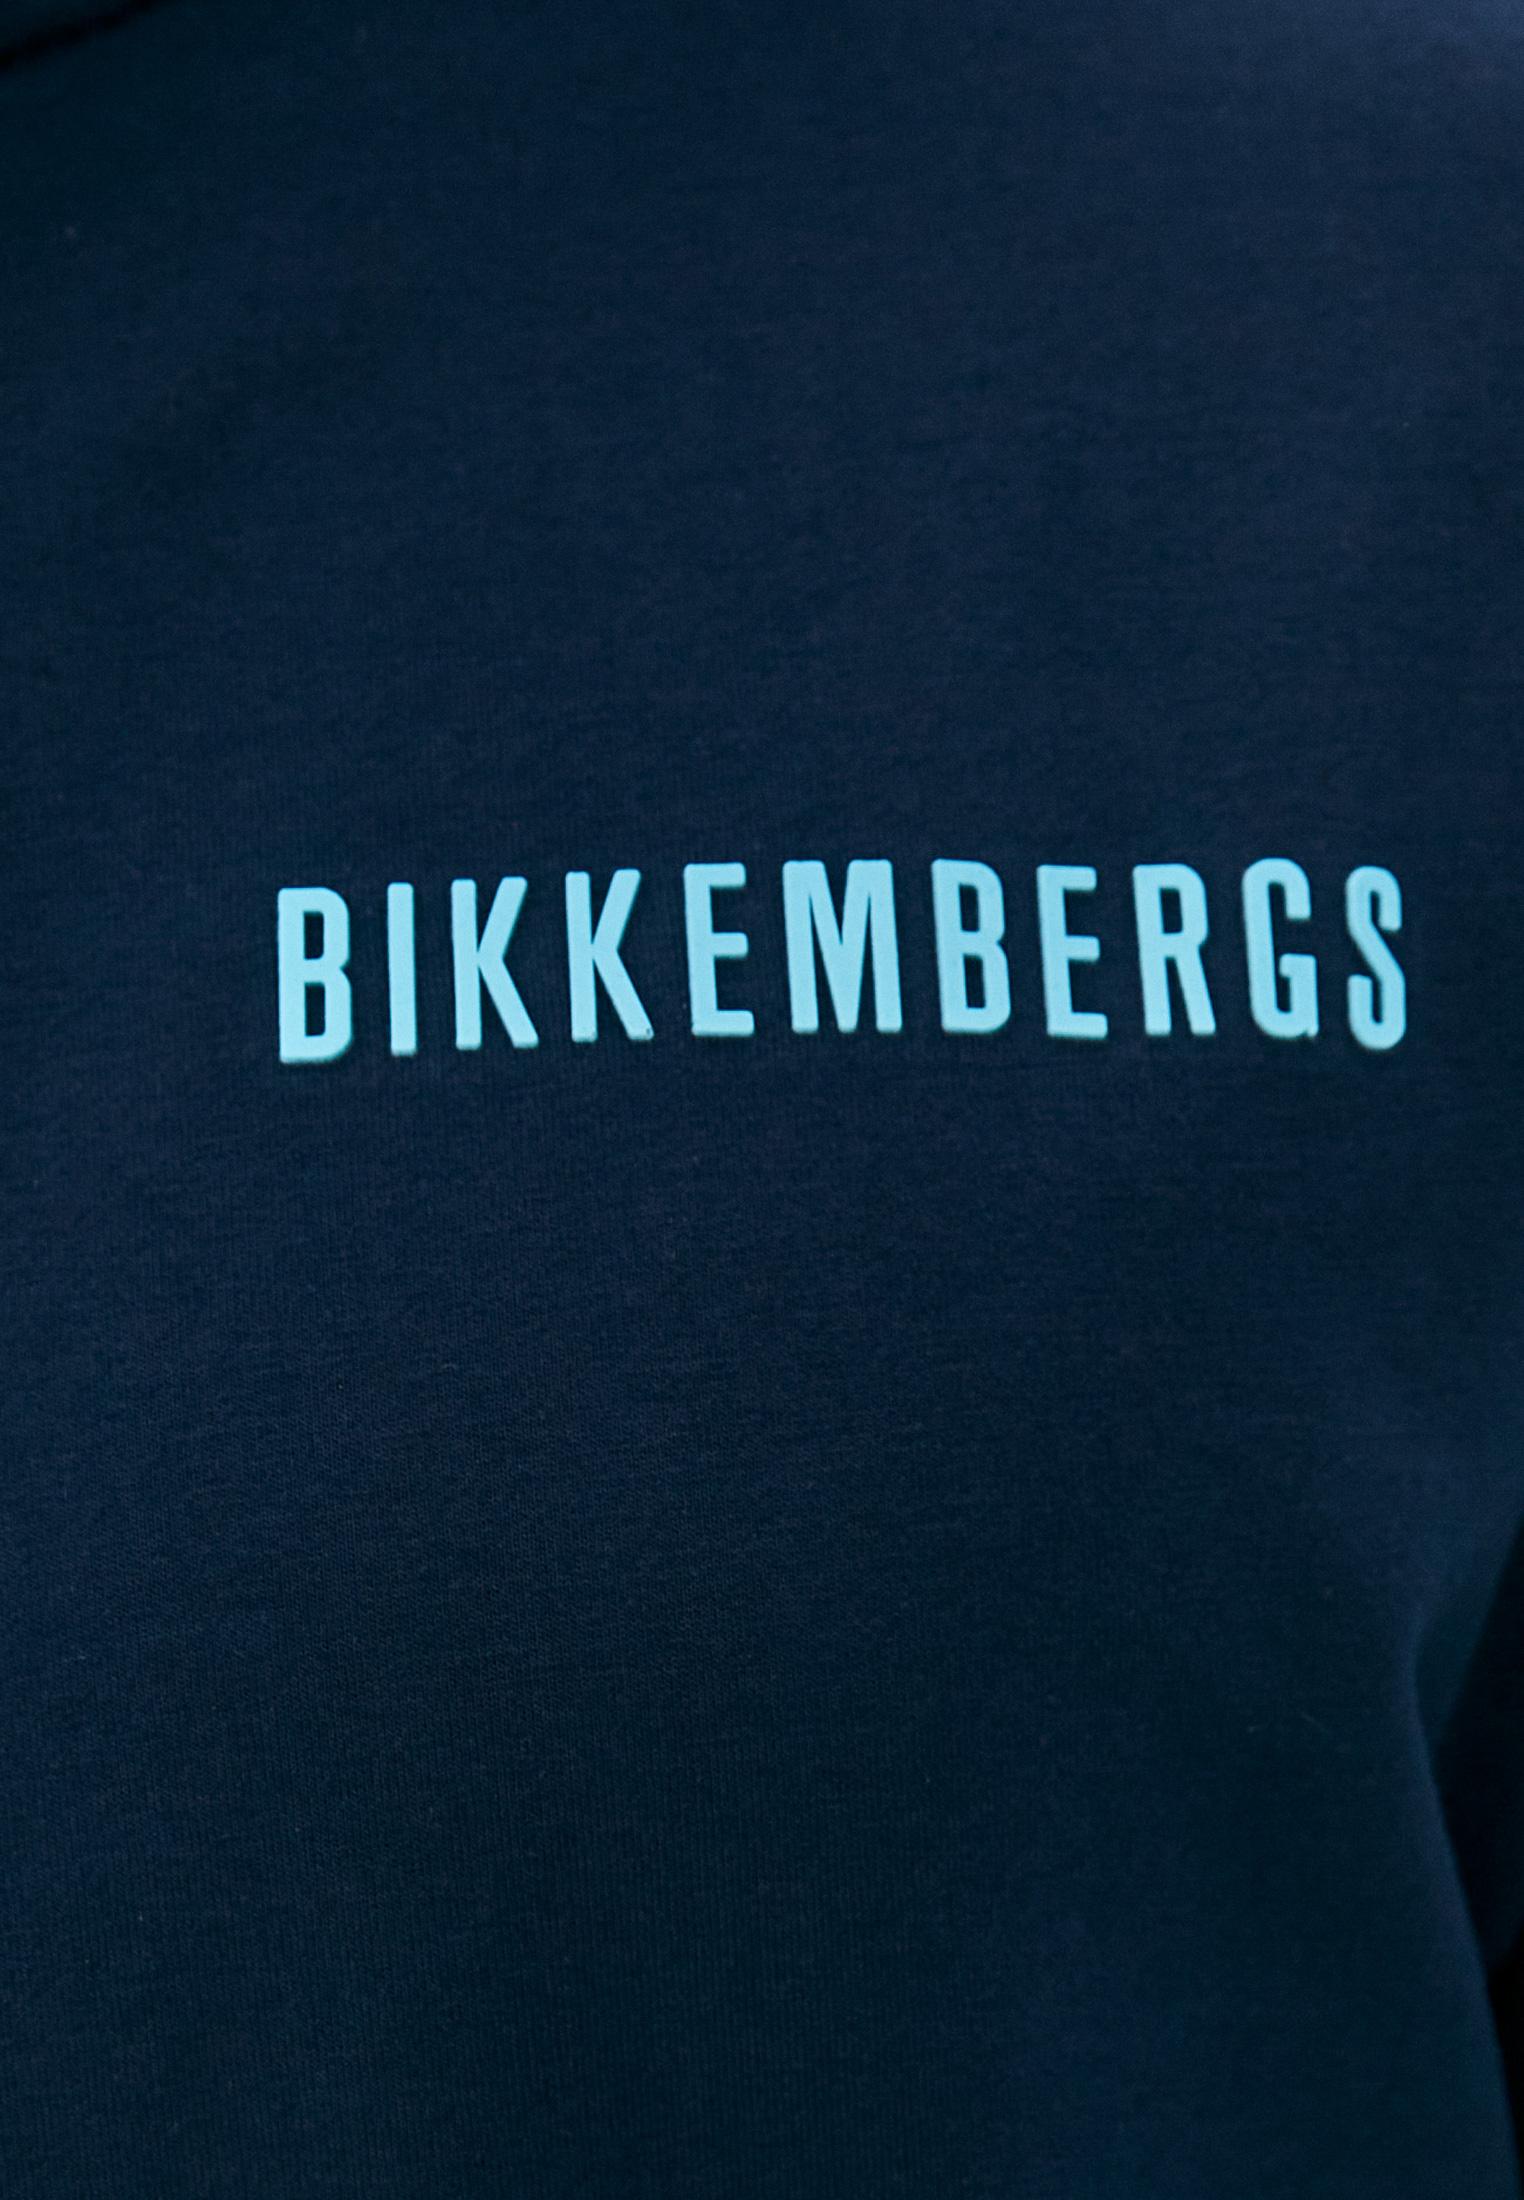 Олимпийка Bikkembergs (Биккембергс) C 3 047 01 E 2248: изображение 5